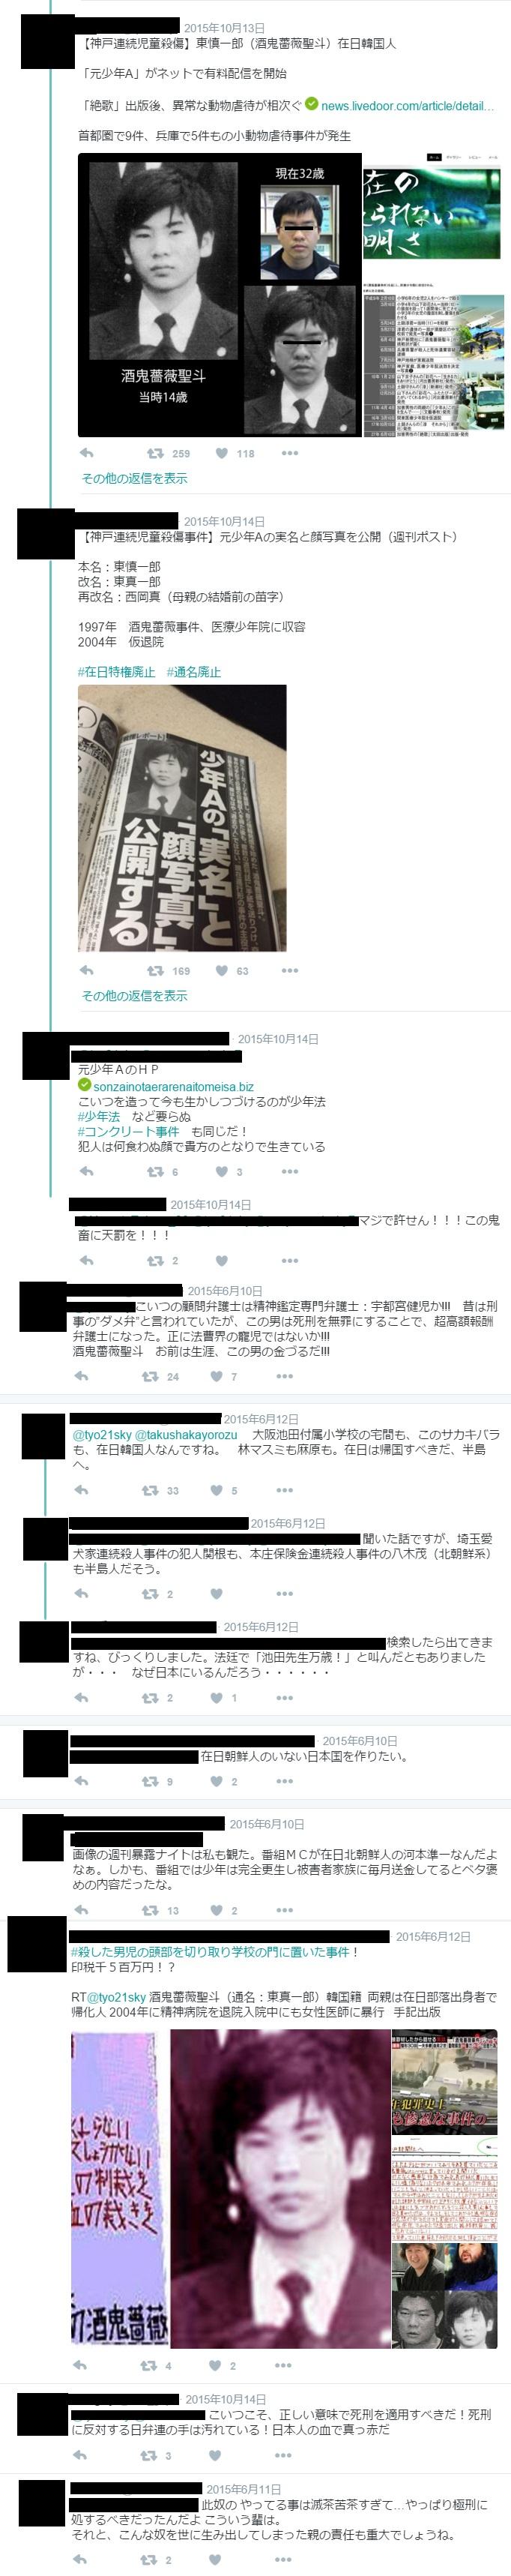 少年Aこと酒鬼薔薇聖斗の正体2